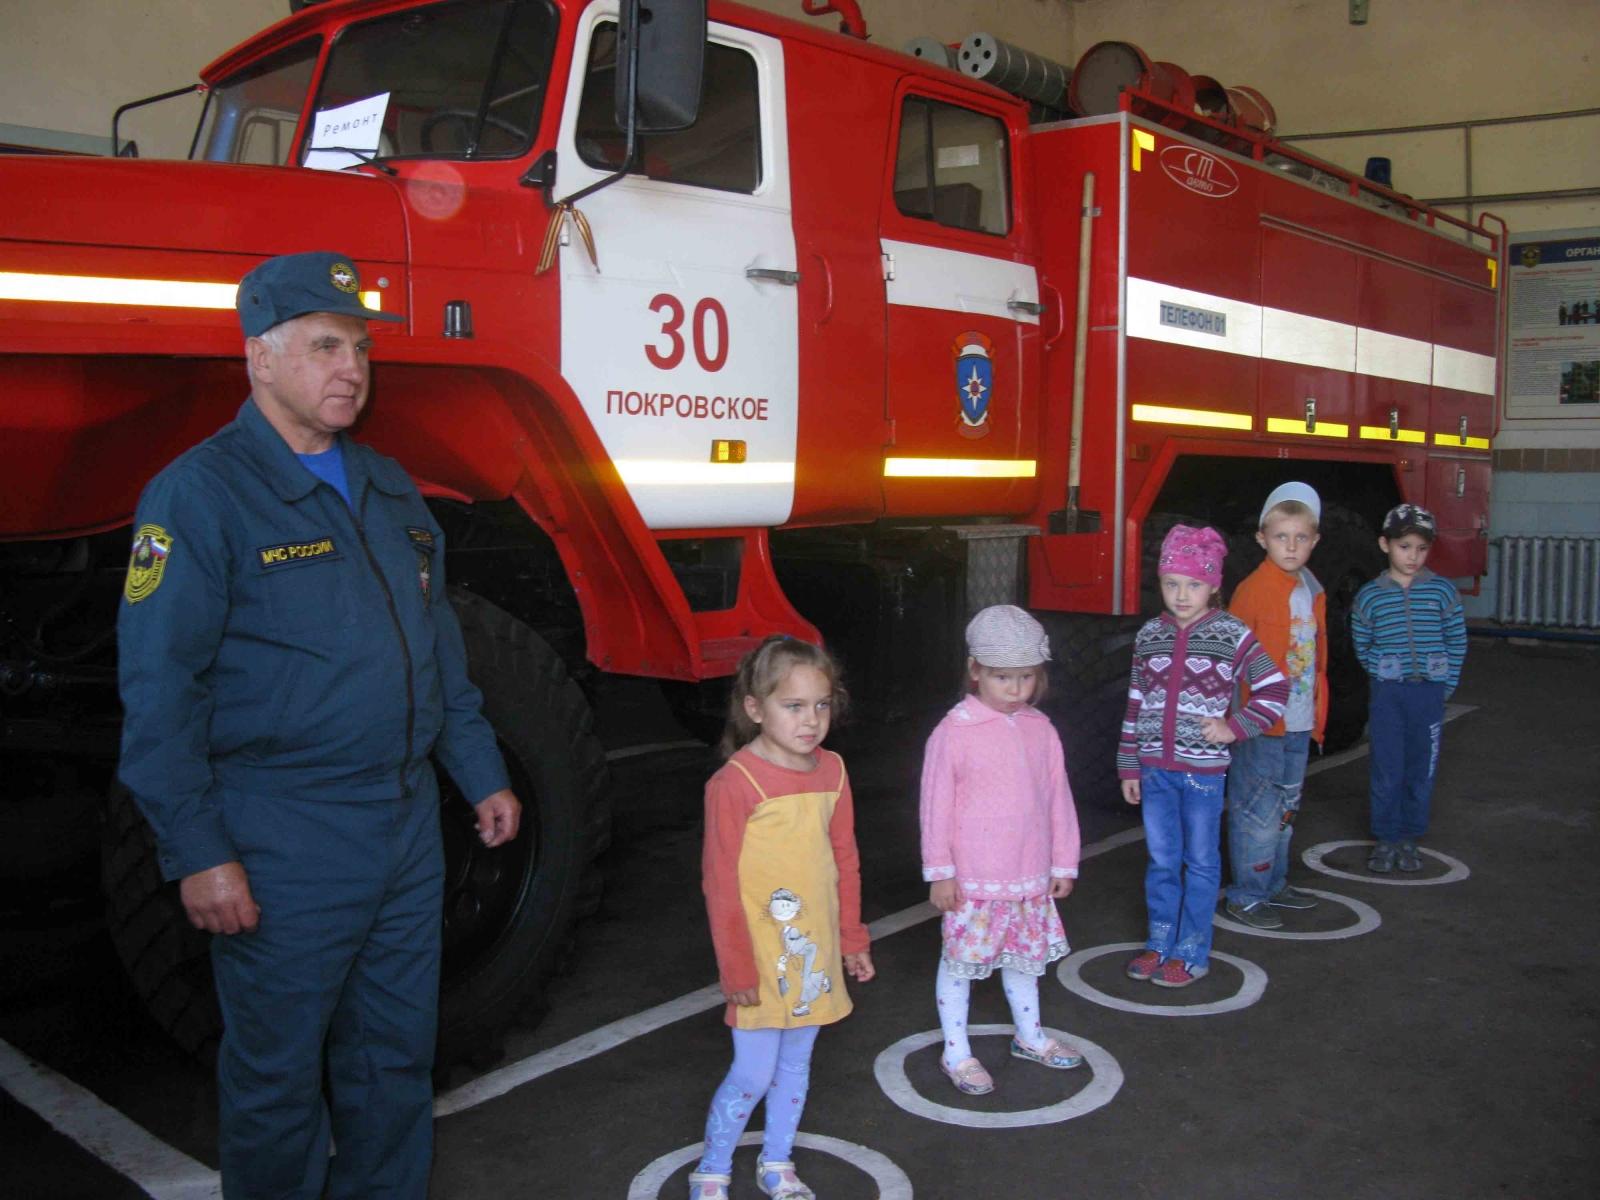 «МЧС России – за безопасное детство»: детсадовцы поселка Покровское посетили с экскурсией пожарную часть